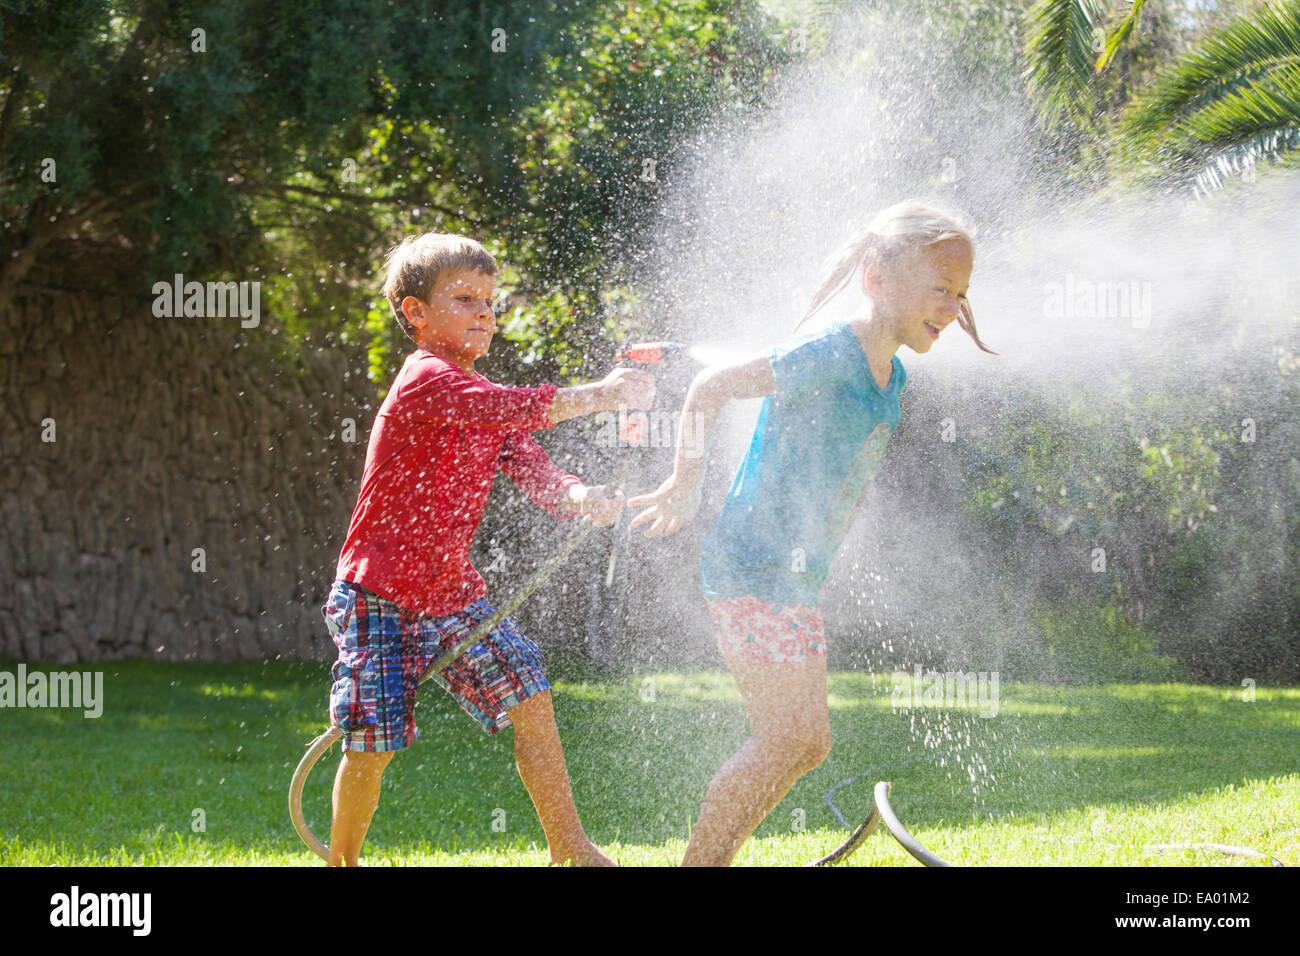 Garçon Fille éclaboussures dans jardin avec water sprinkler Photo Stock